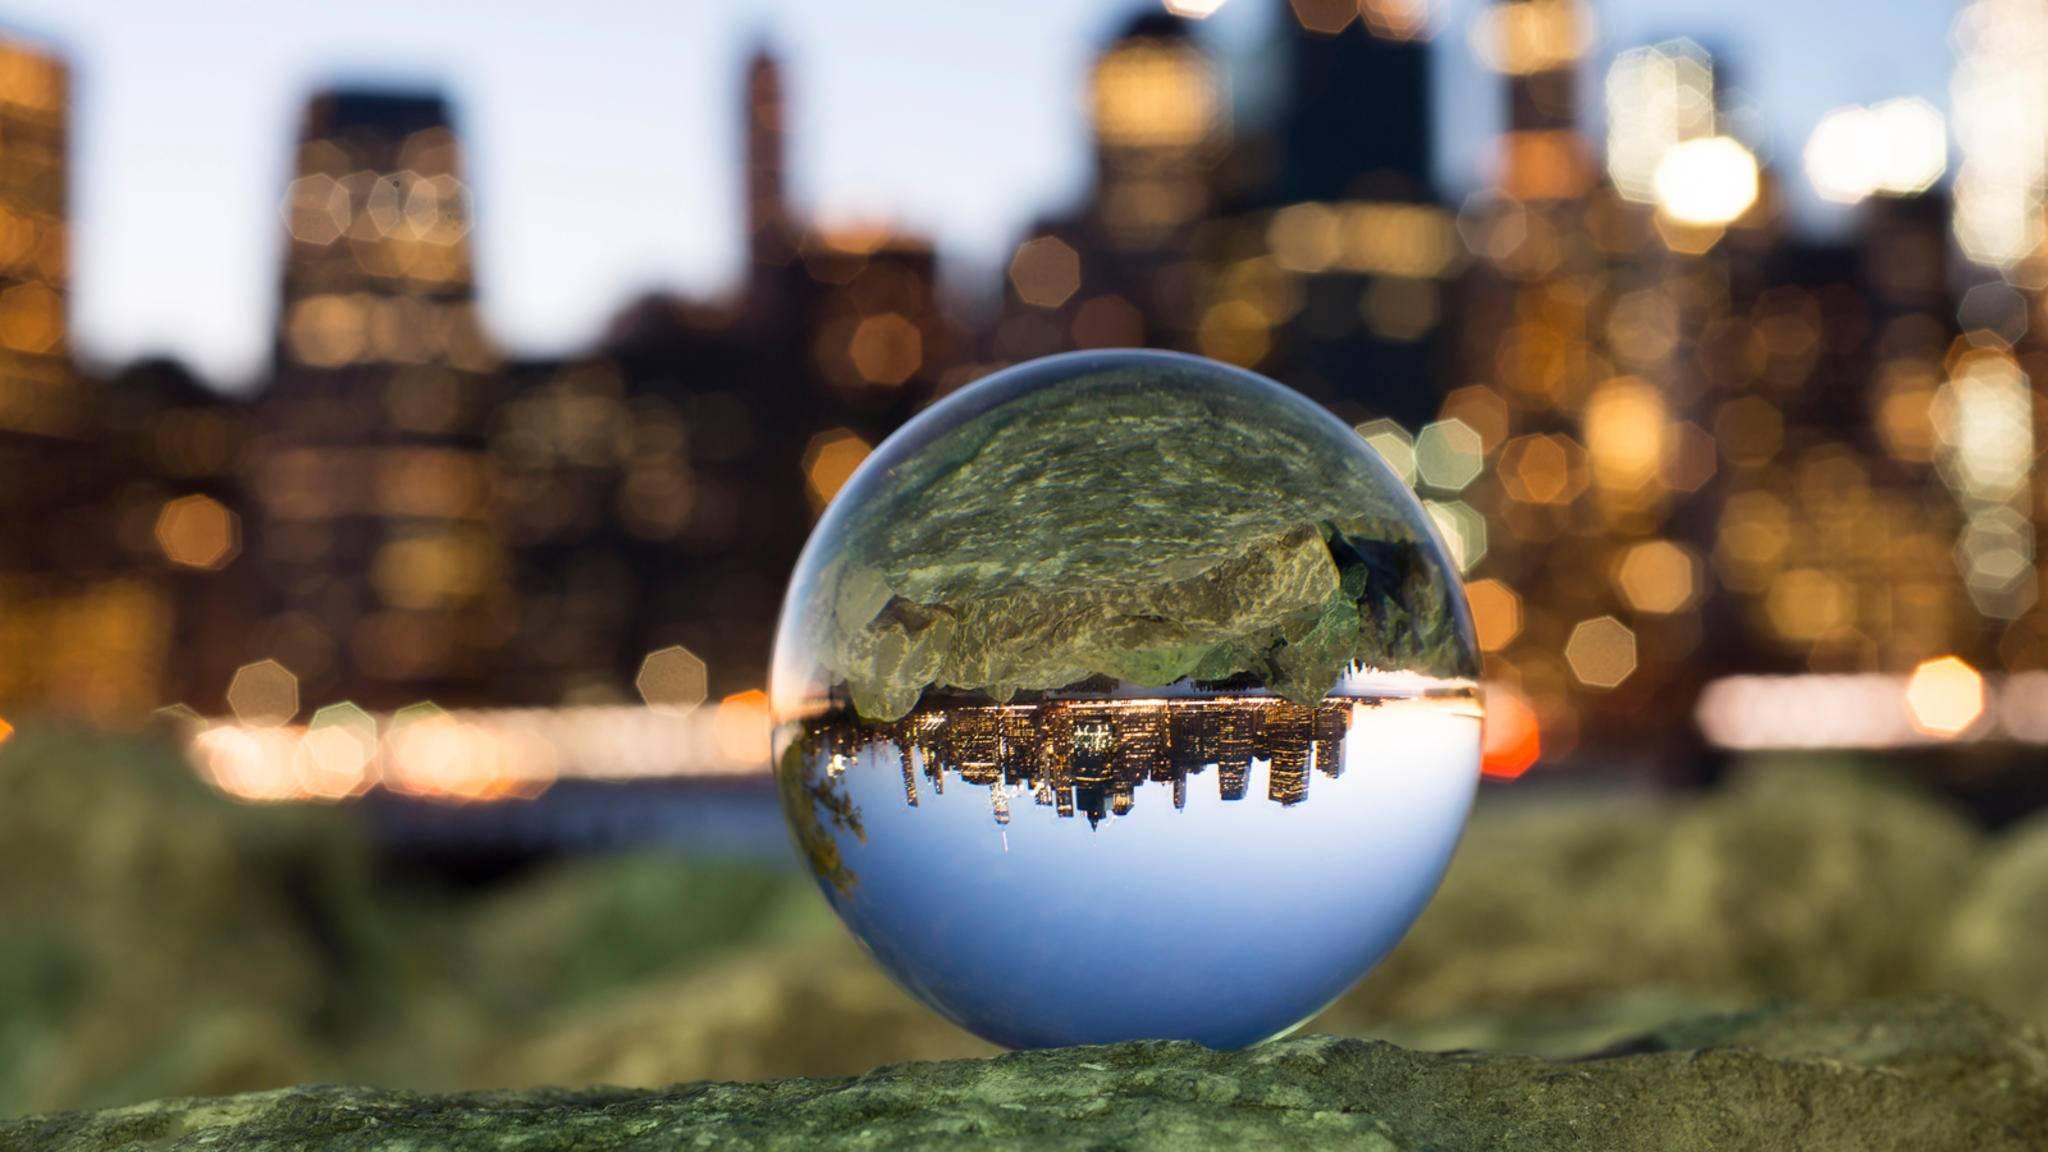 Bei der Glaskugel-Fotografie ist das Motiv in der Kugel meist scharf, während es im Hintergrund stark verschwommen erscheint.